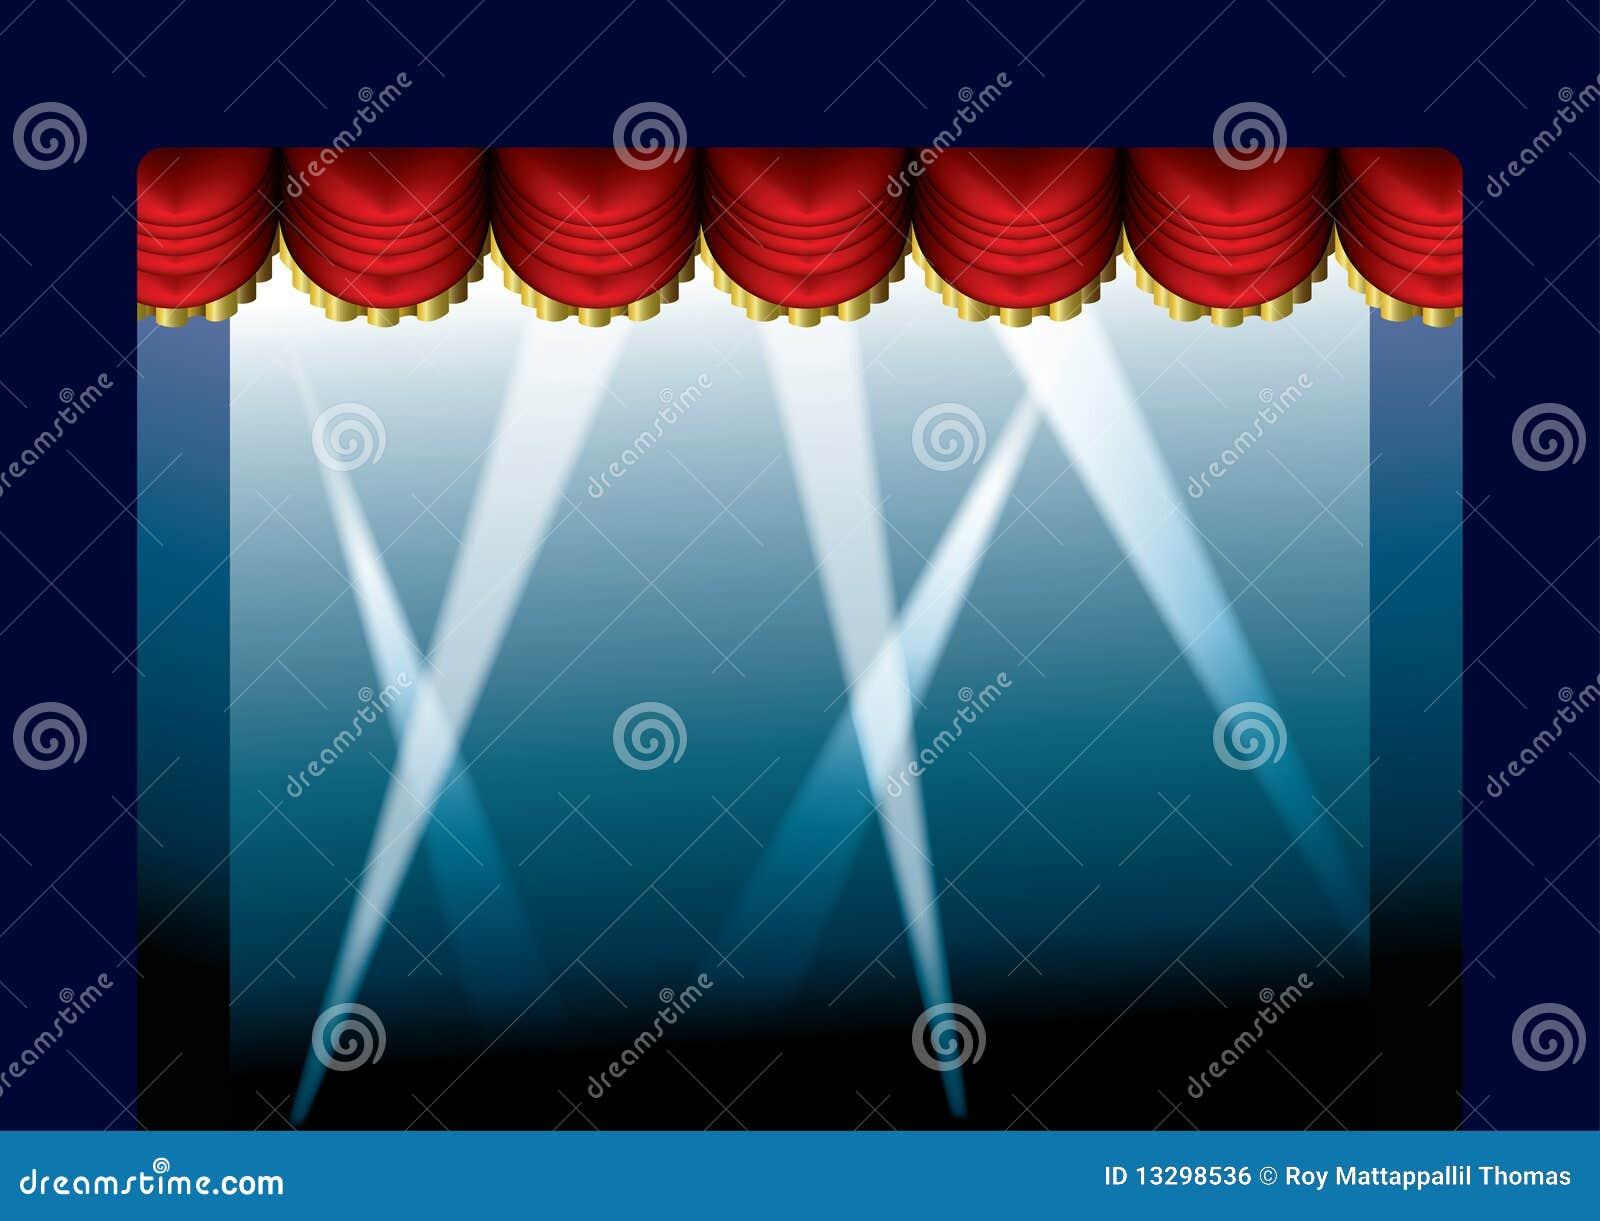 窗帘被开张的阶段